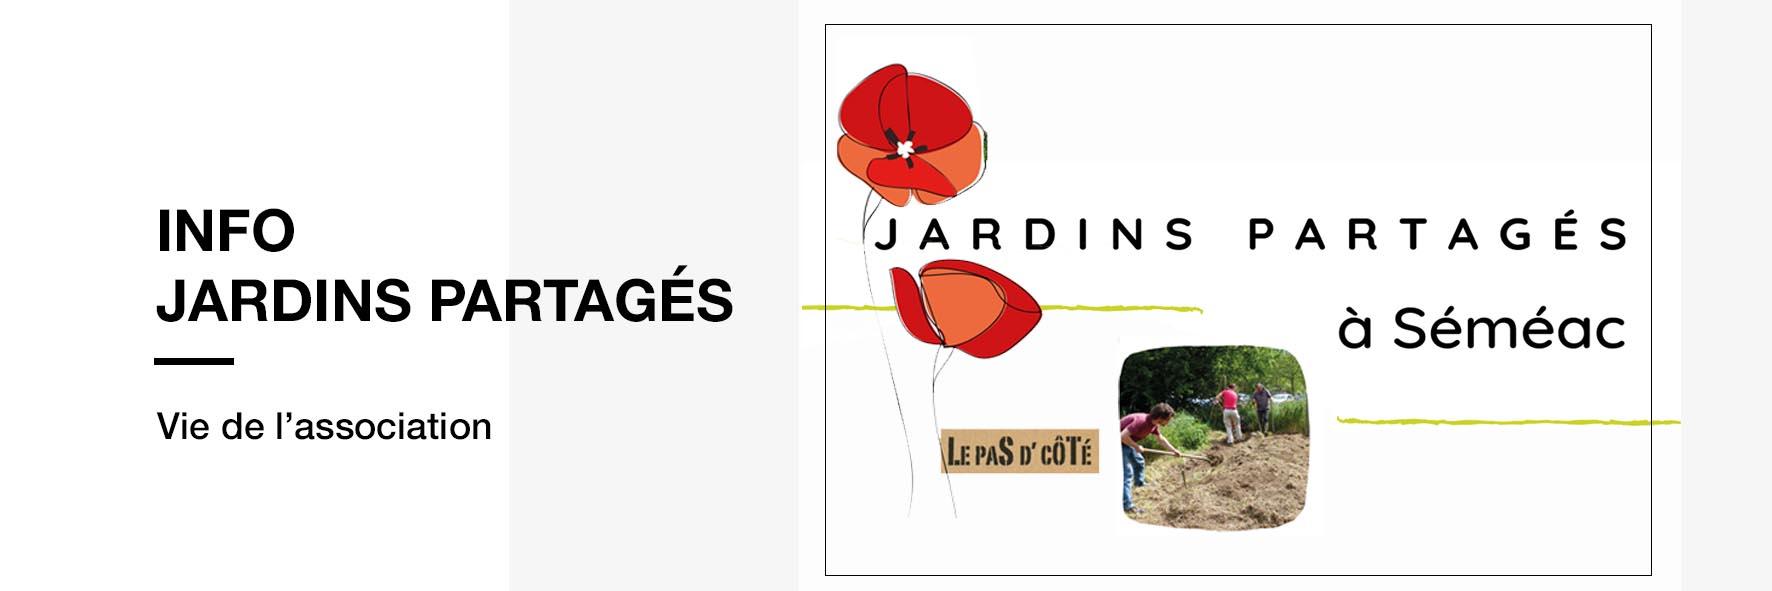 Informations sur les Jardins Partagés